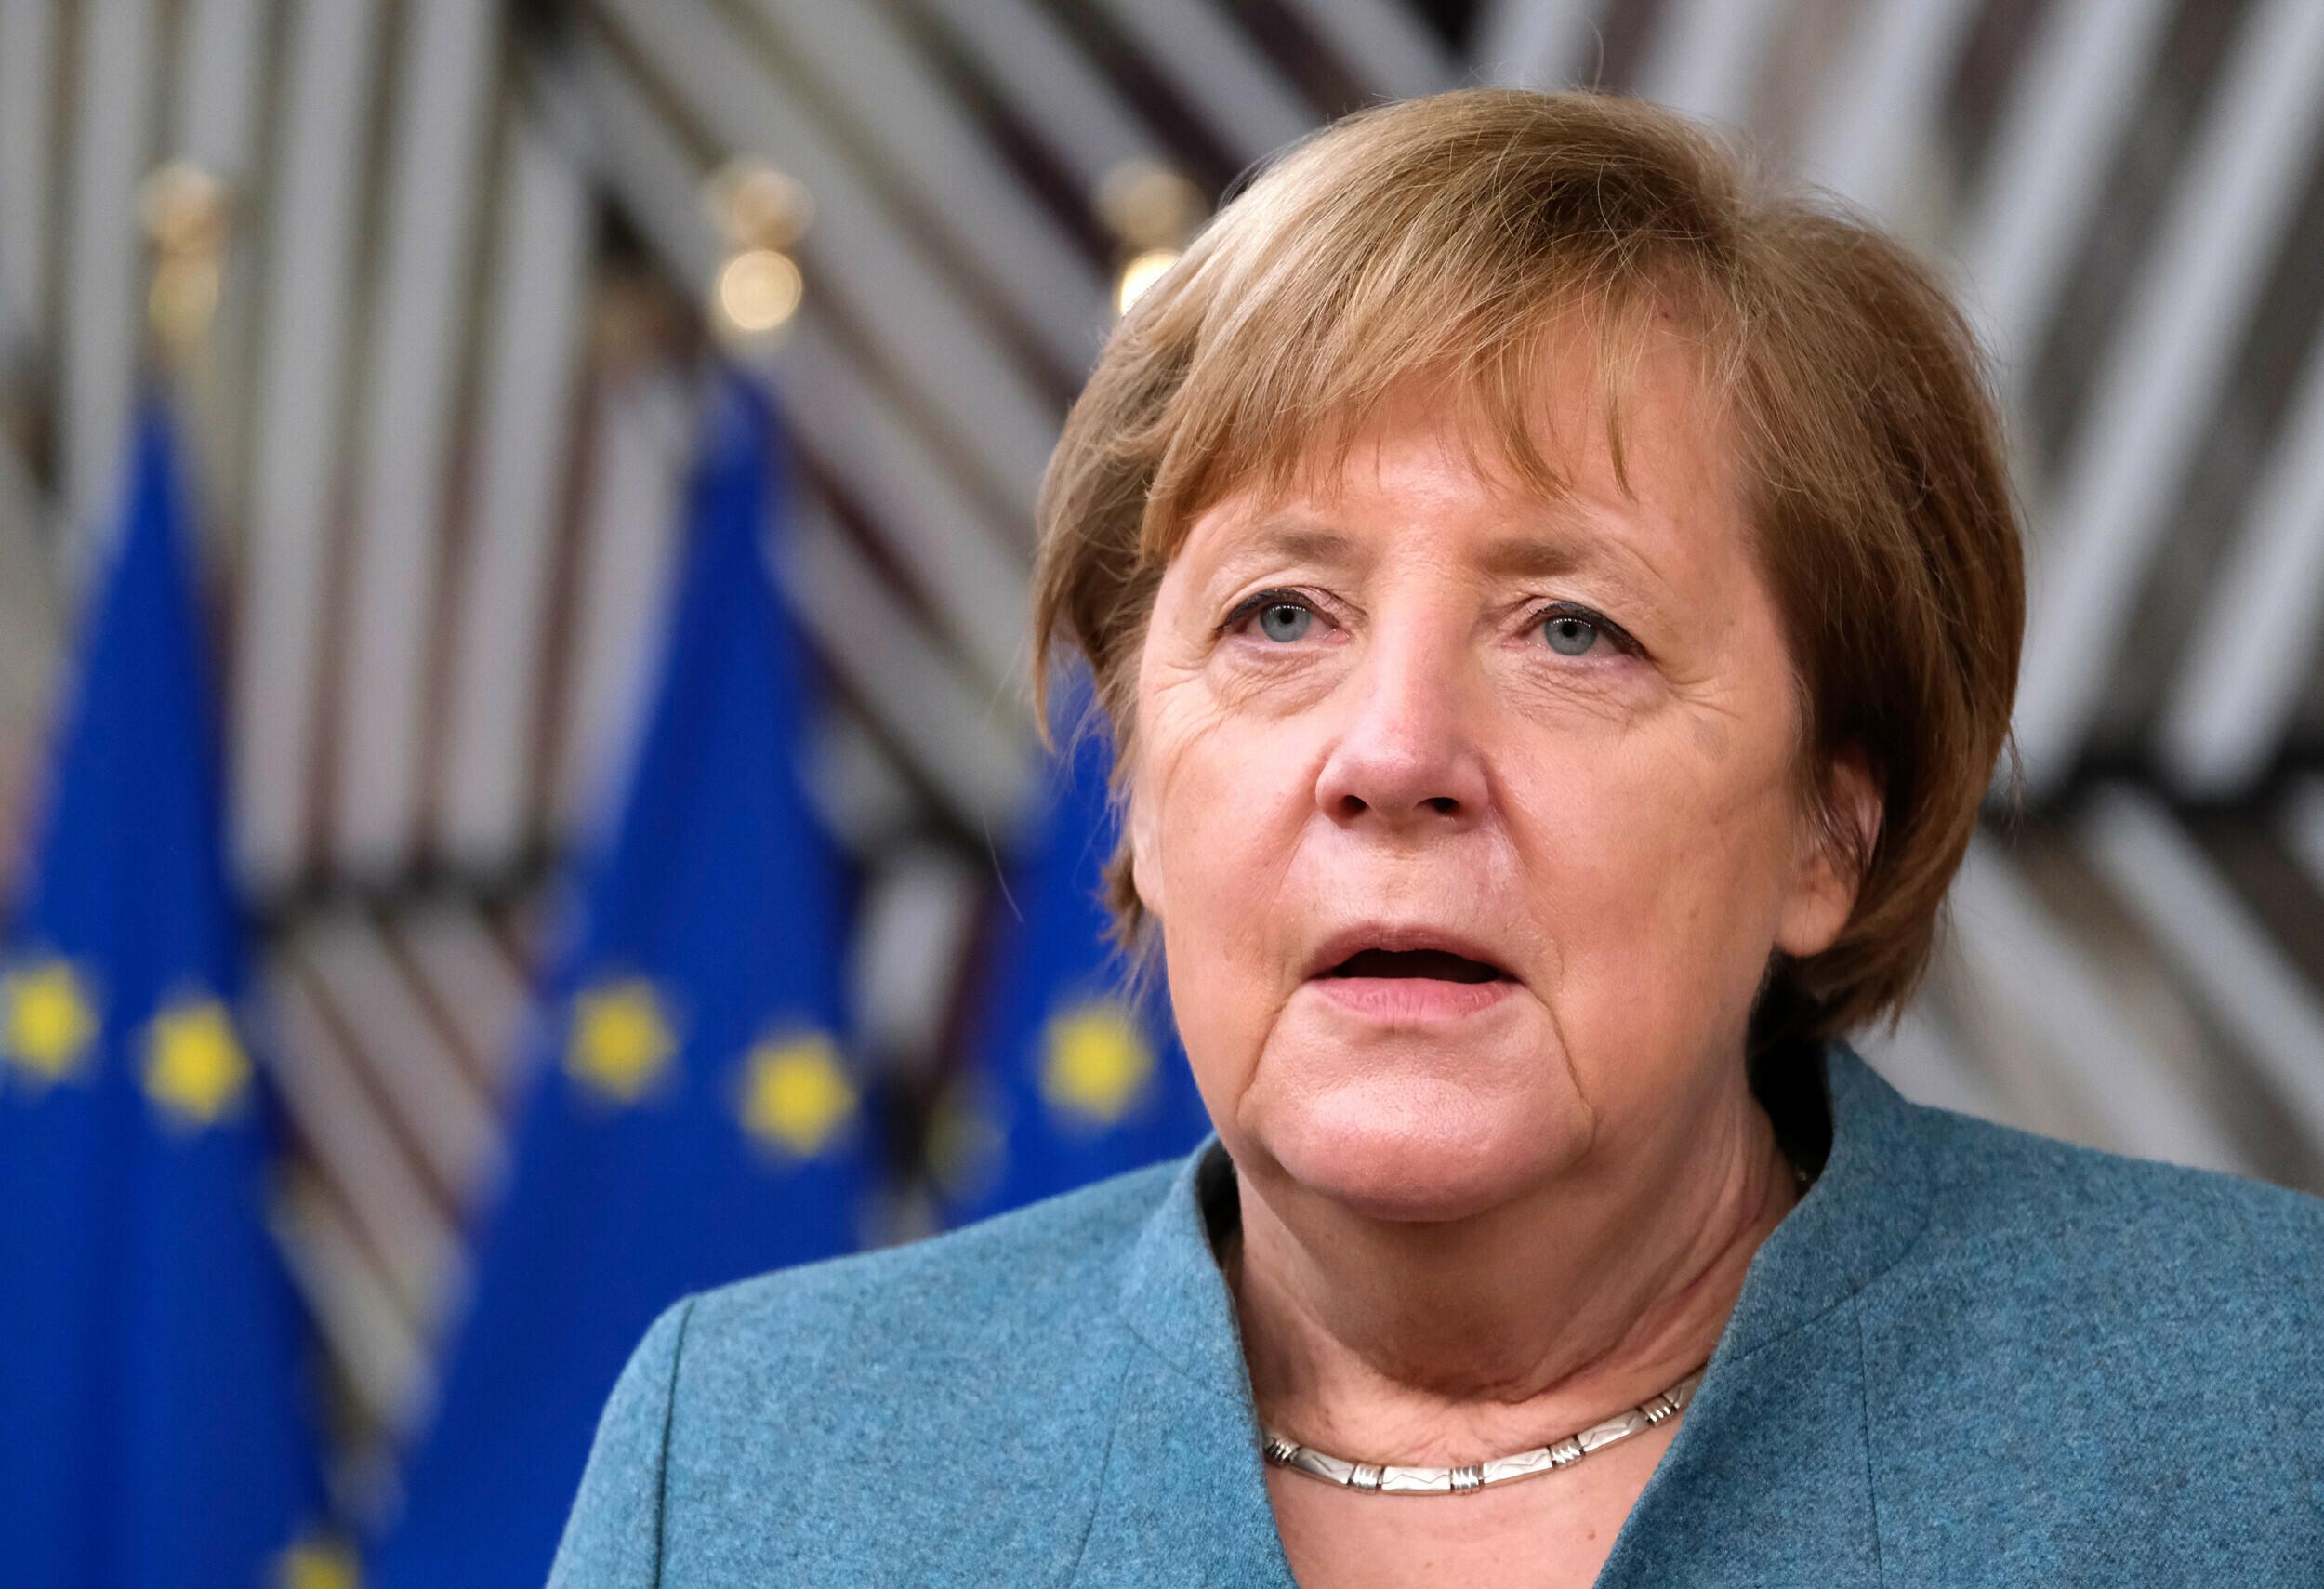 Γερμανία:  Οι εκλογές της αλλαγής – Νέος καγκελάριος έπειτα από 16 χρόνια